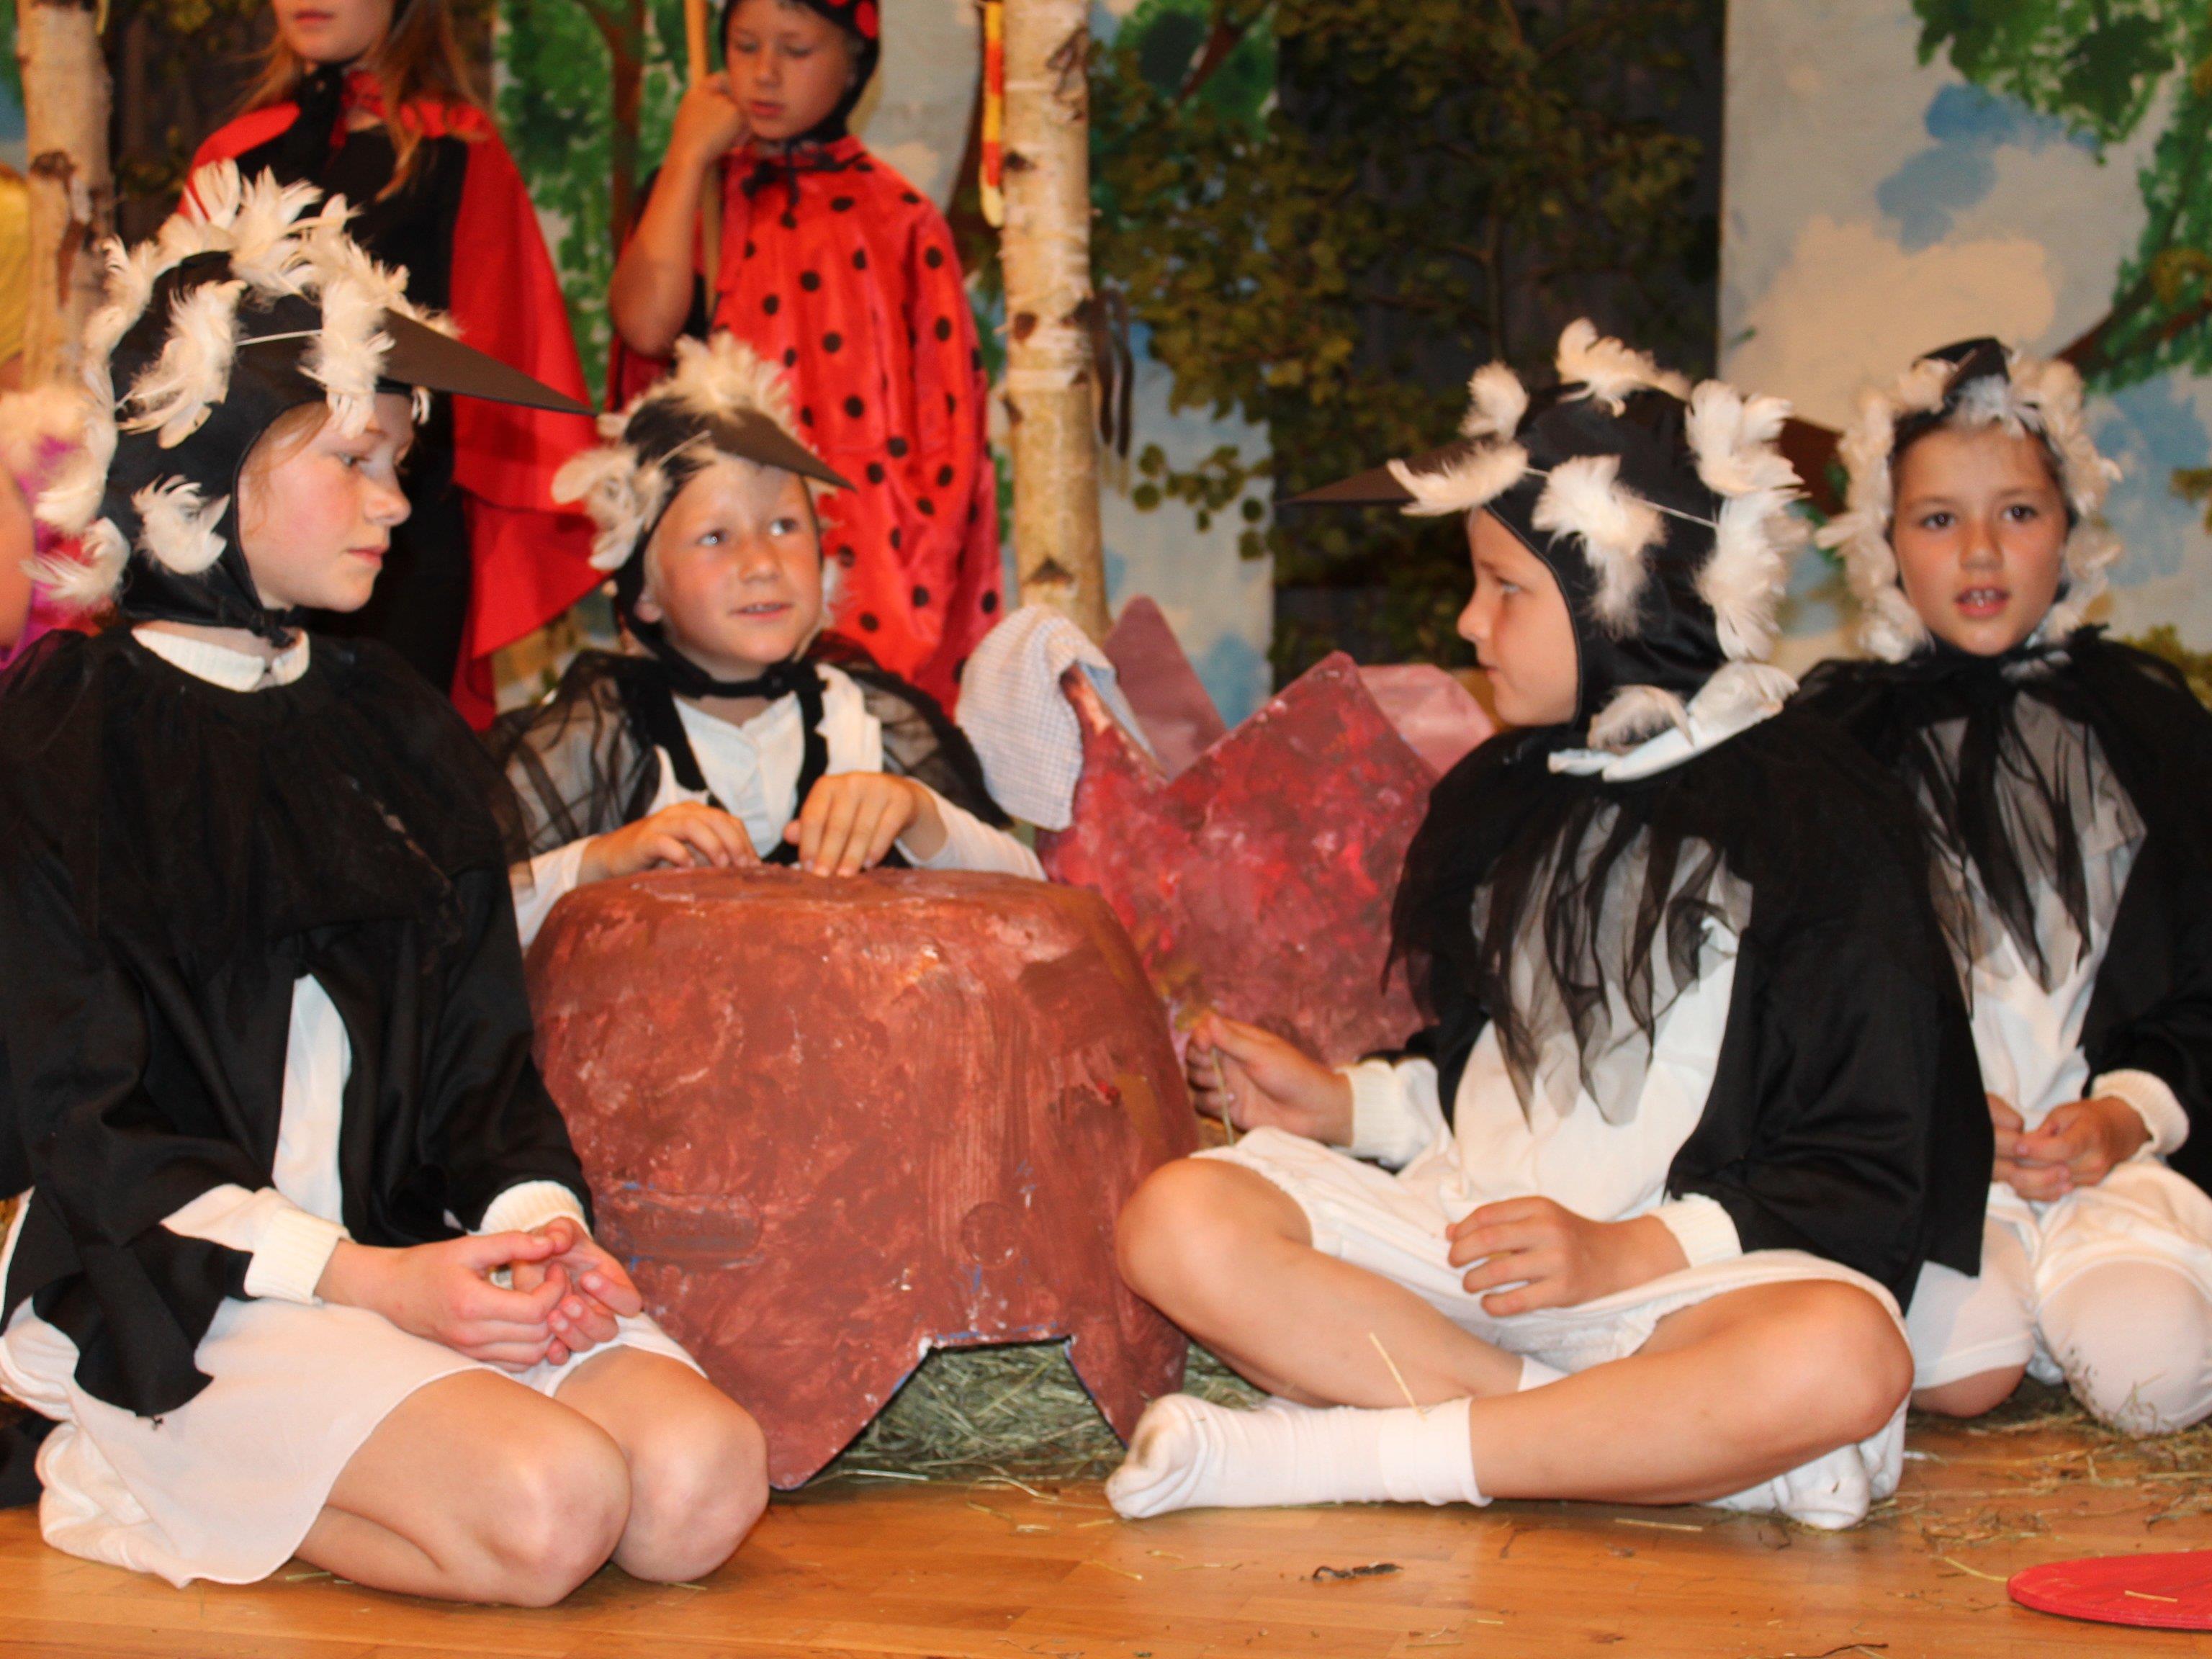 Die Kinder sangen und tanzten sich in die Herzen der Zuschauer.